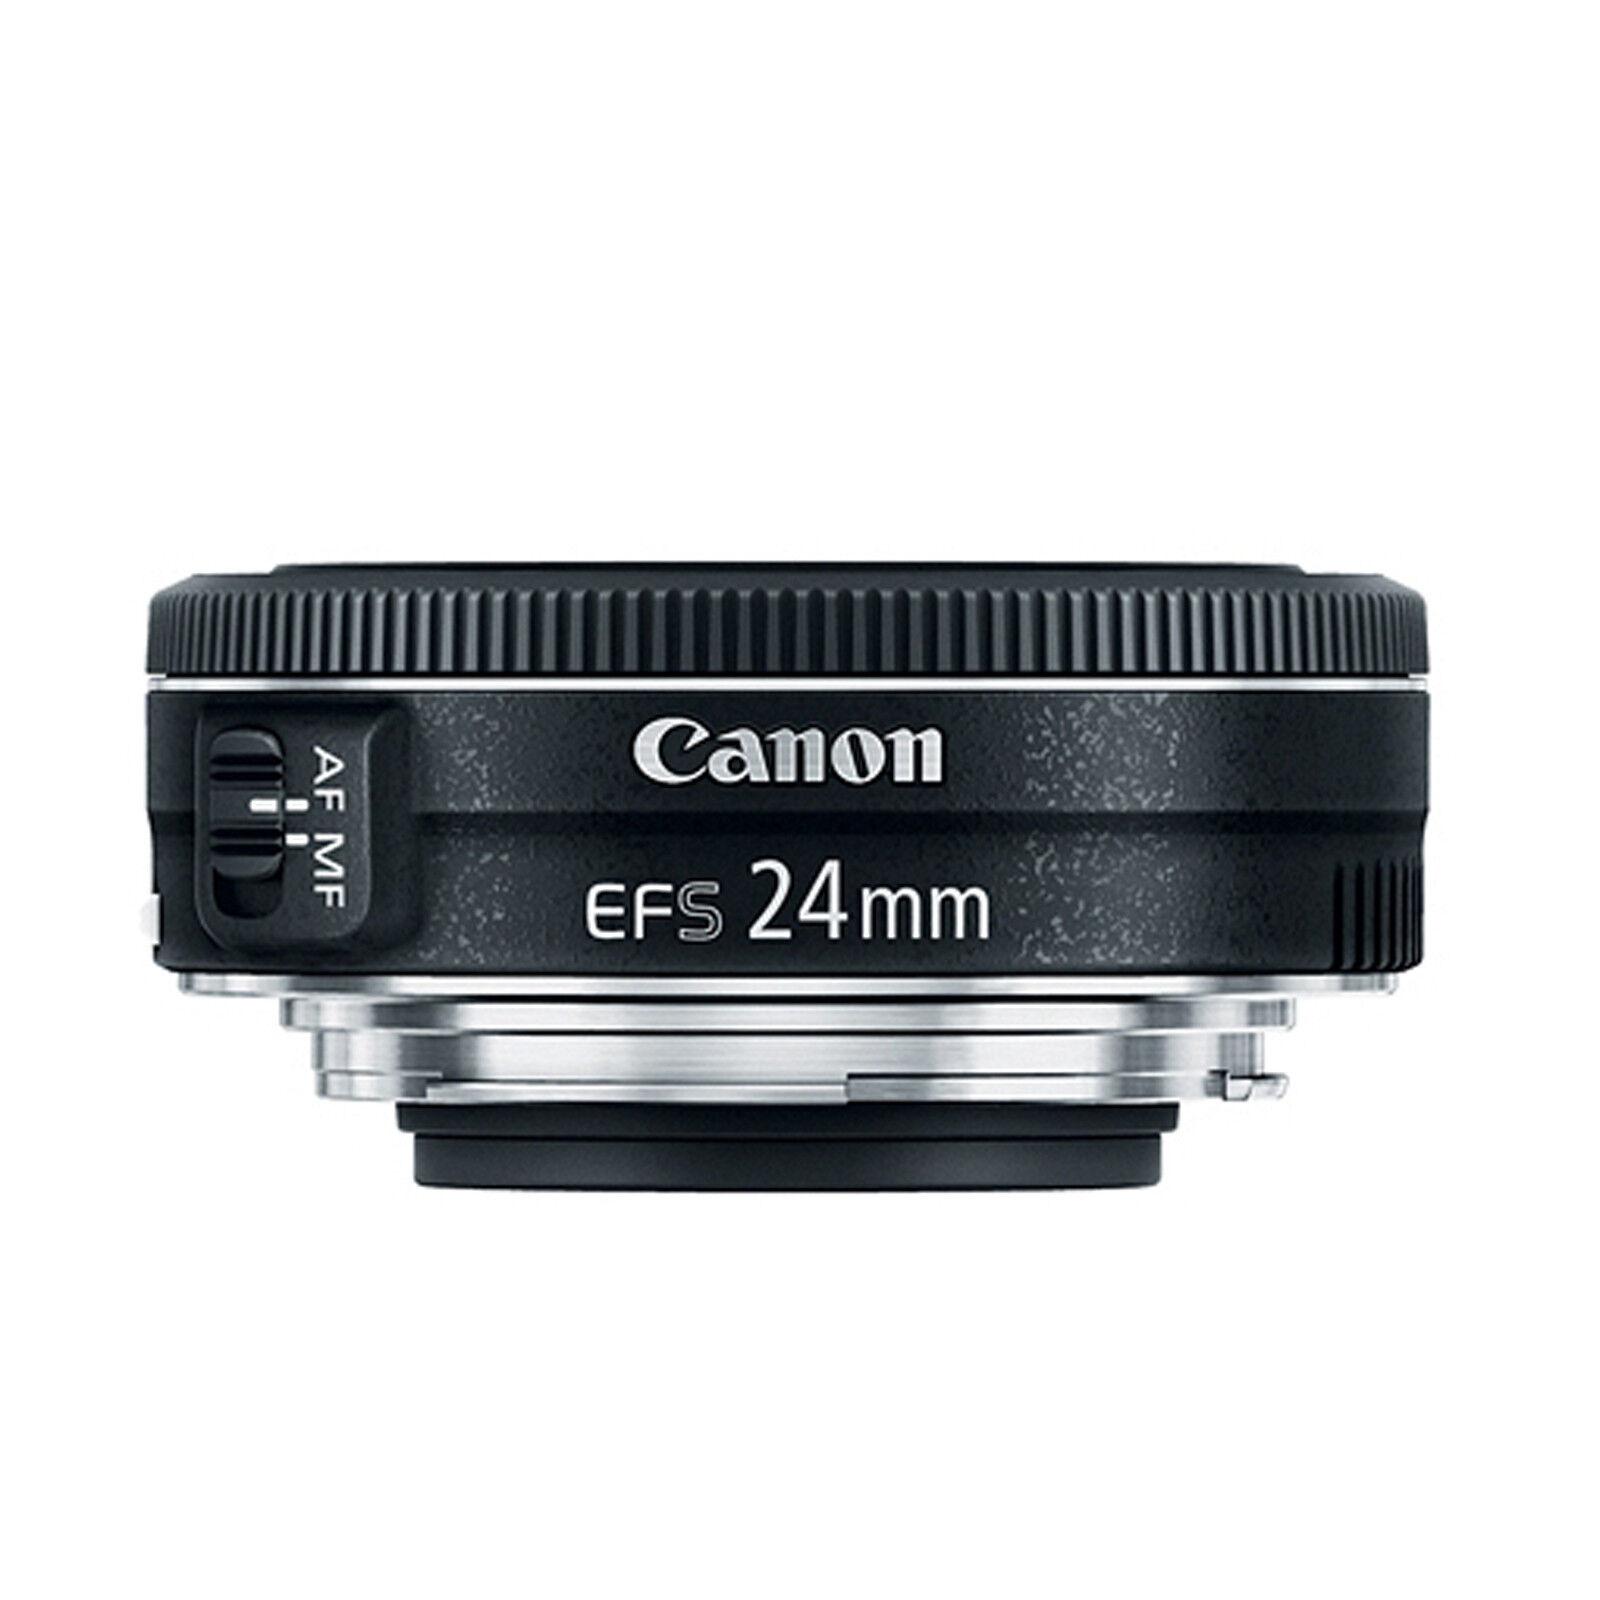 Canon EF-S 24mm f/2.8 STM Lens *NEW*